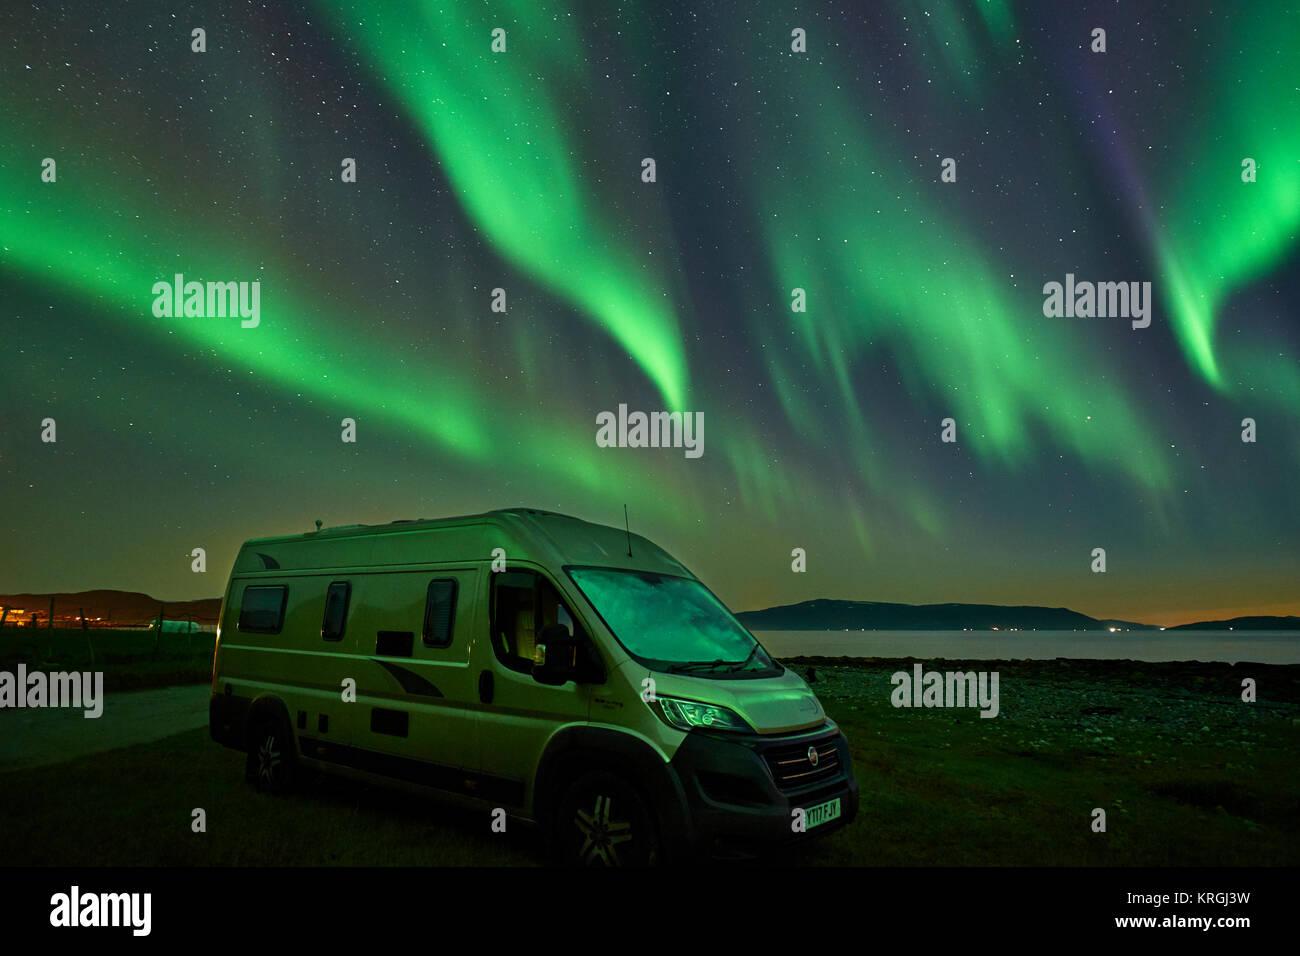 Wohnmobil und Aurora Borealis, Northern Lights, Russelv, Lyngen, Troms, Norwegen Stockbild